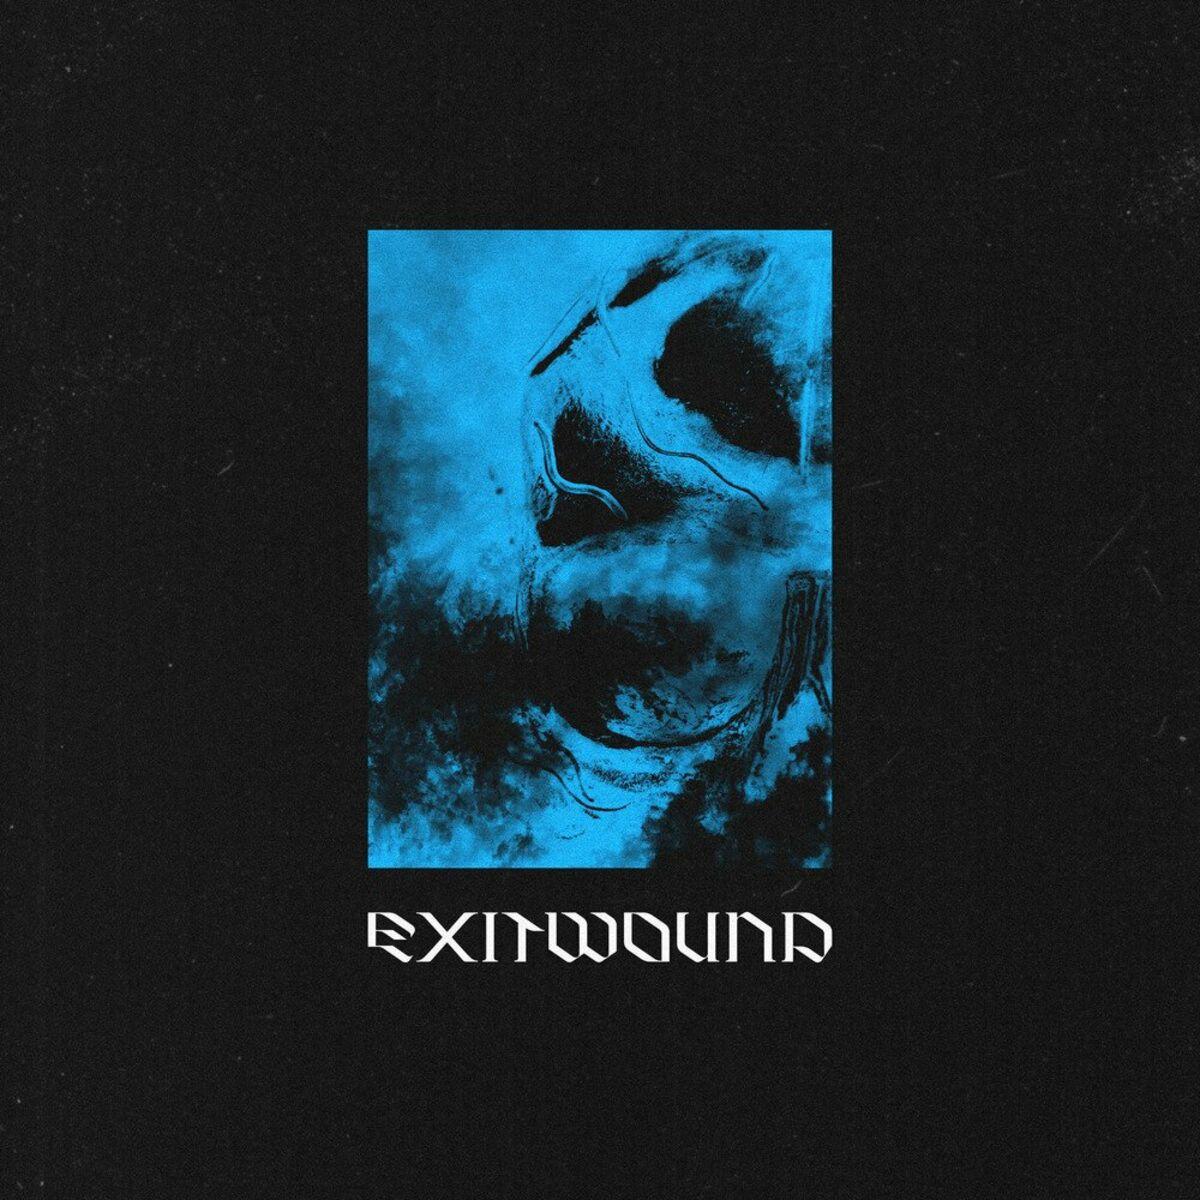 Half Me - Exitwound [single] (2021)